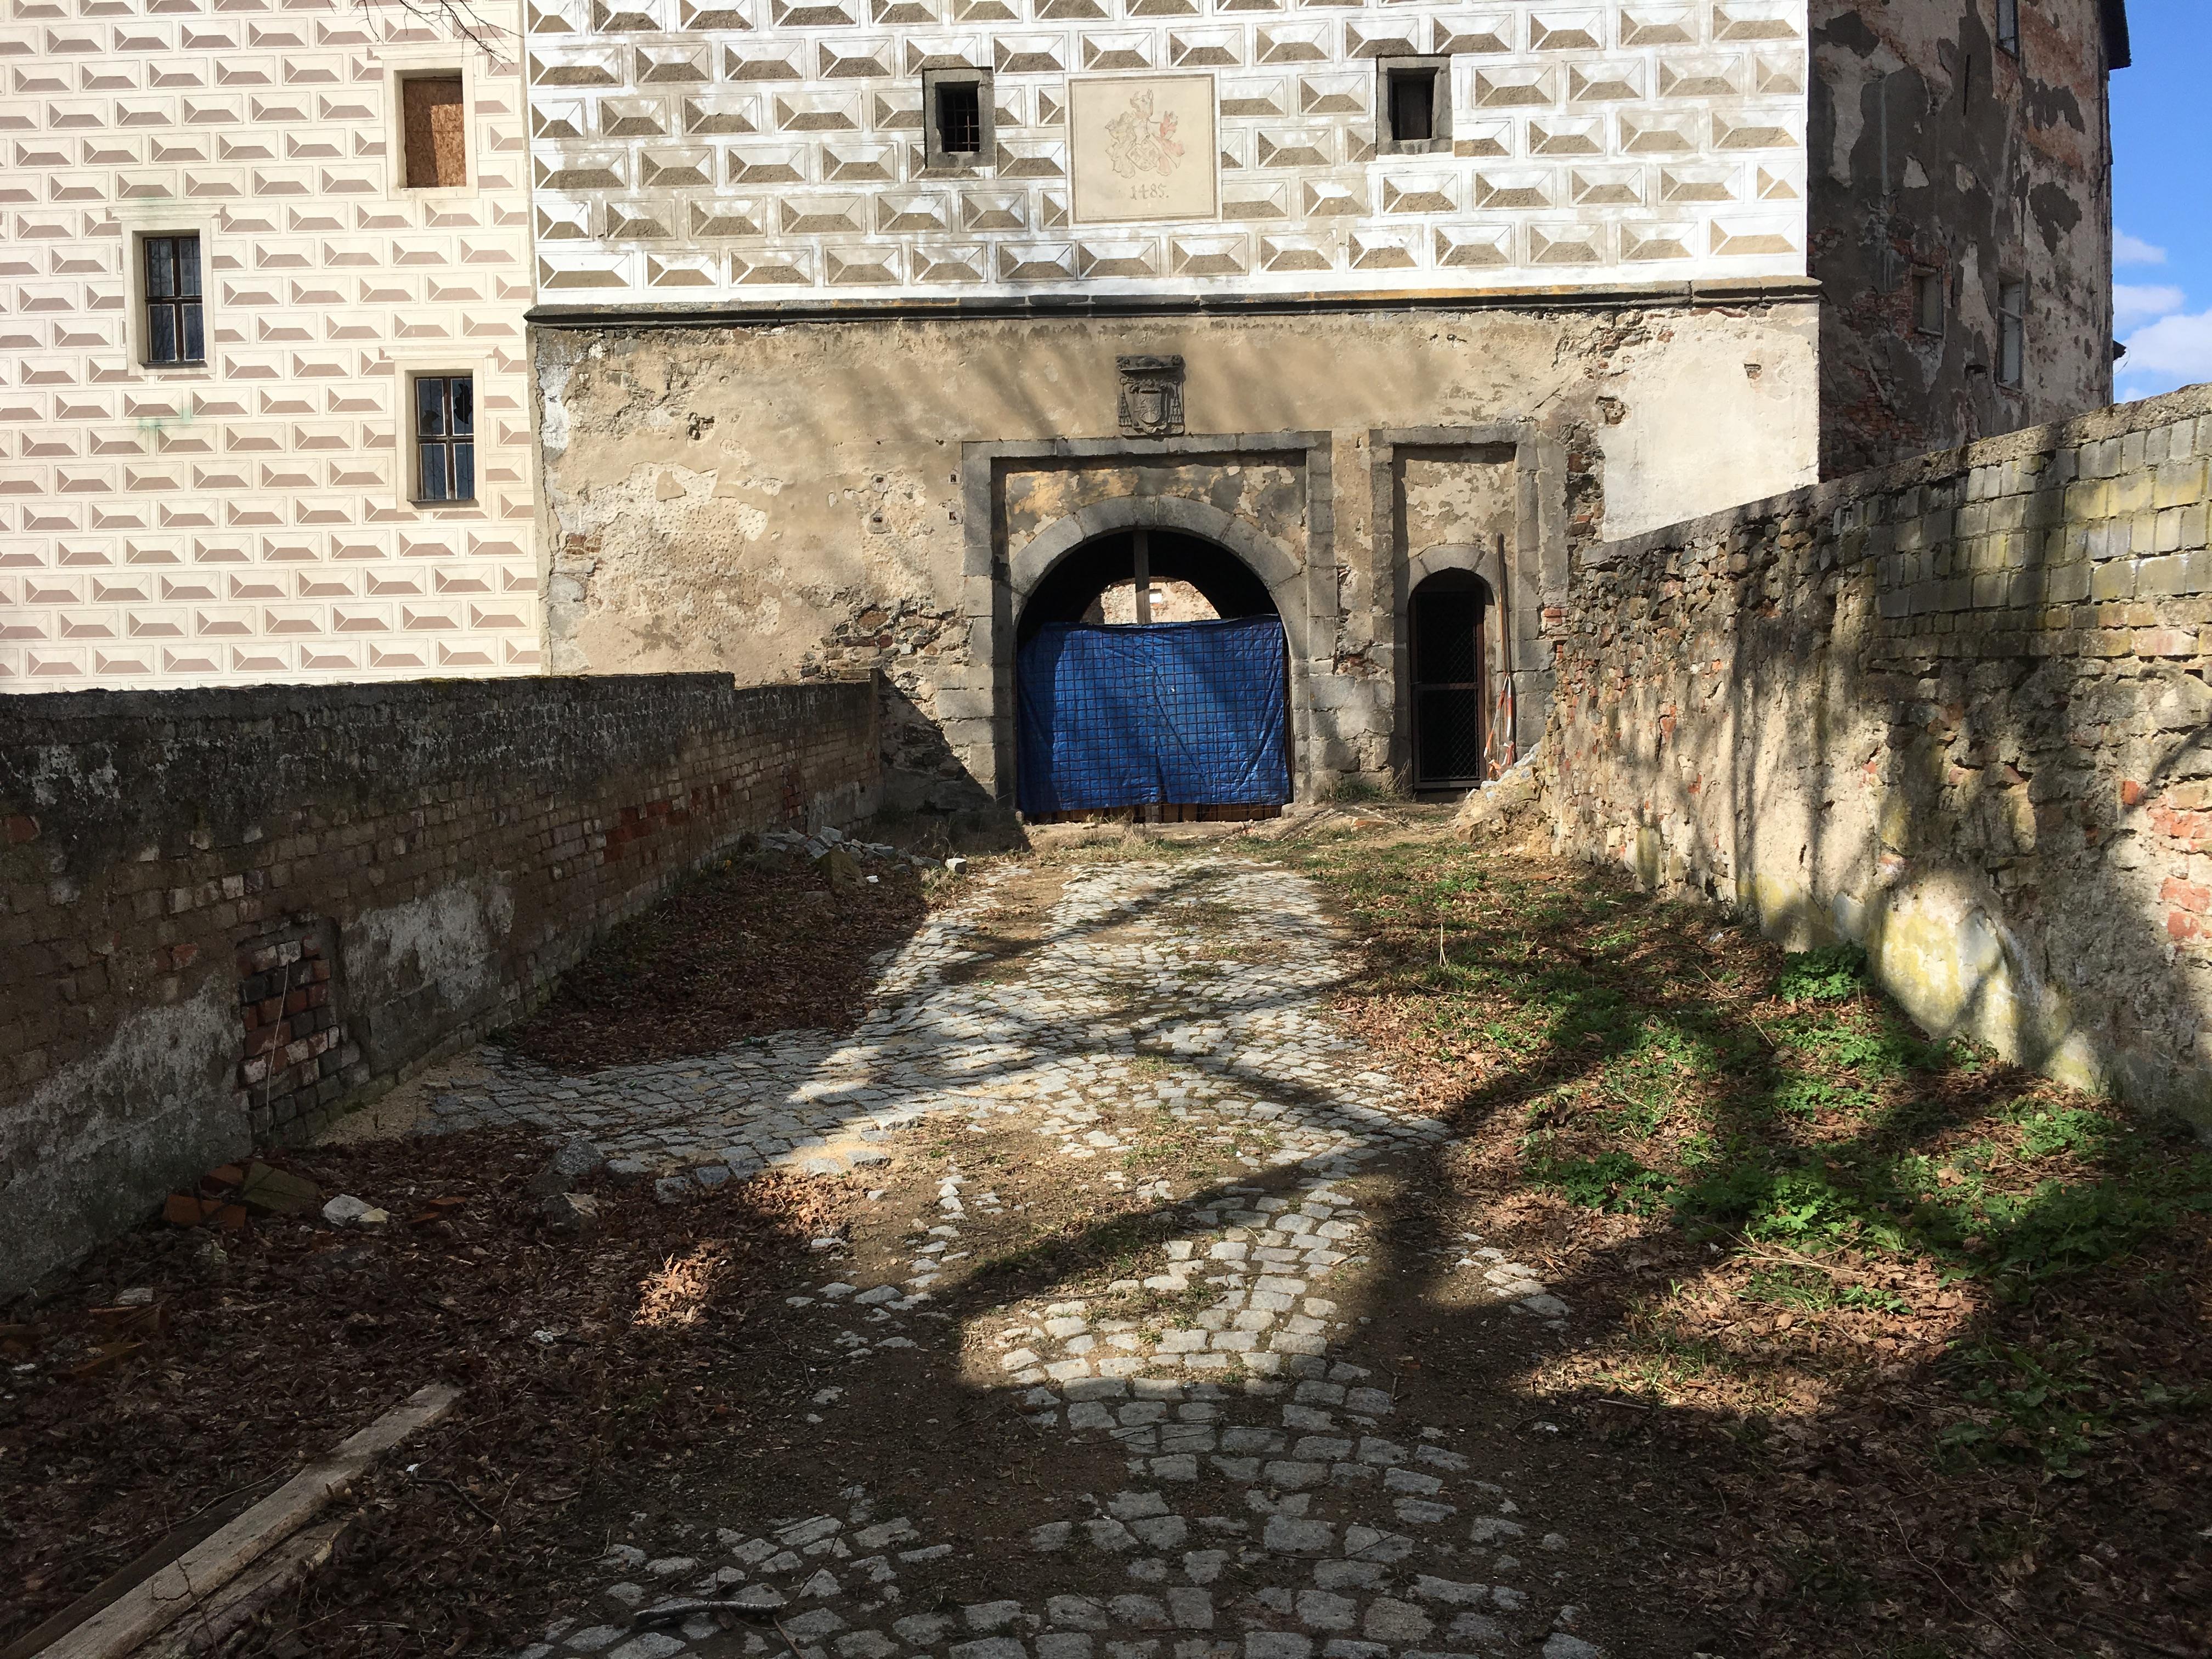 Vchod do zámku v Rožmitále pod Třemšínem